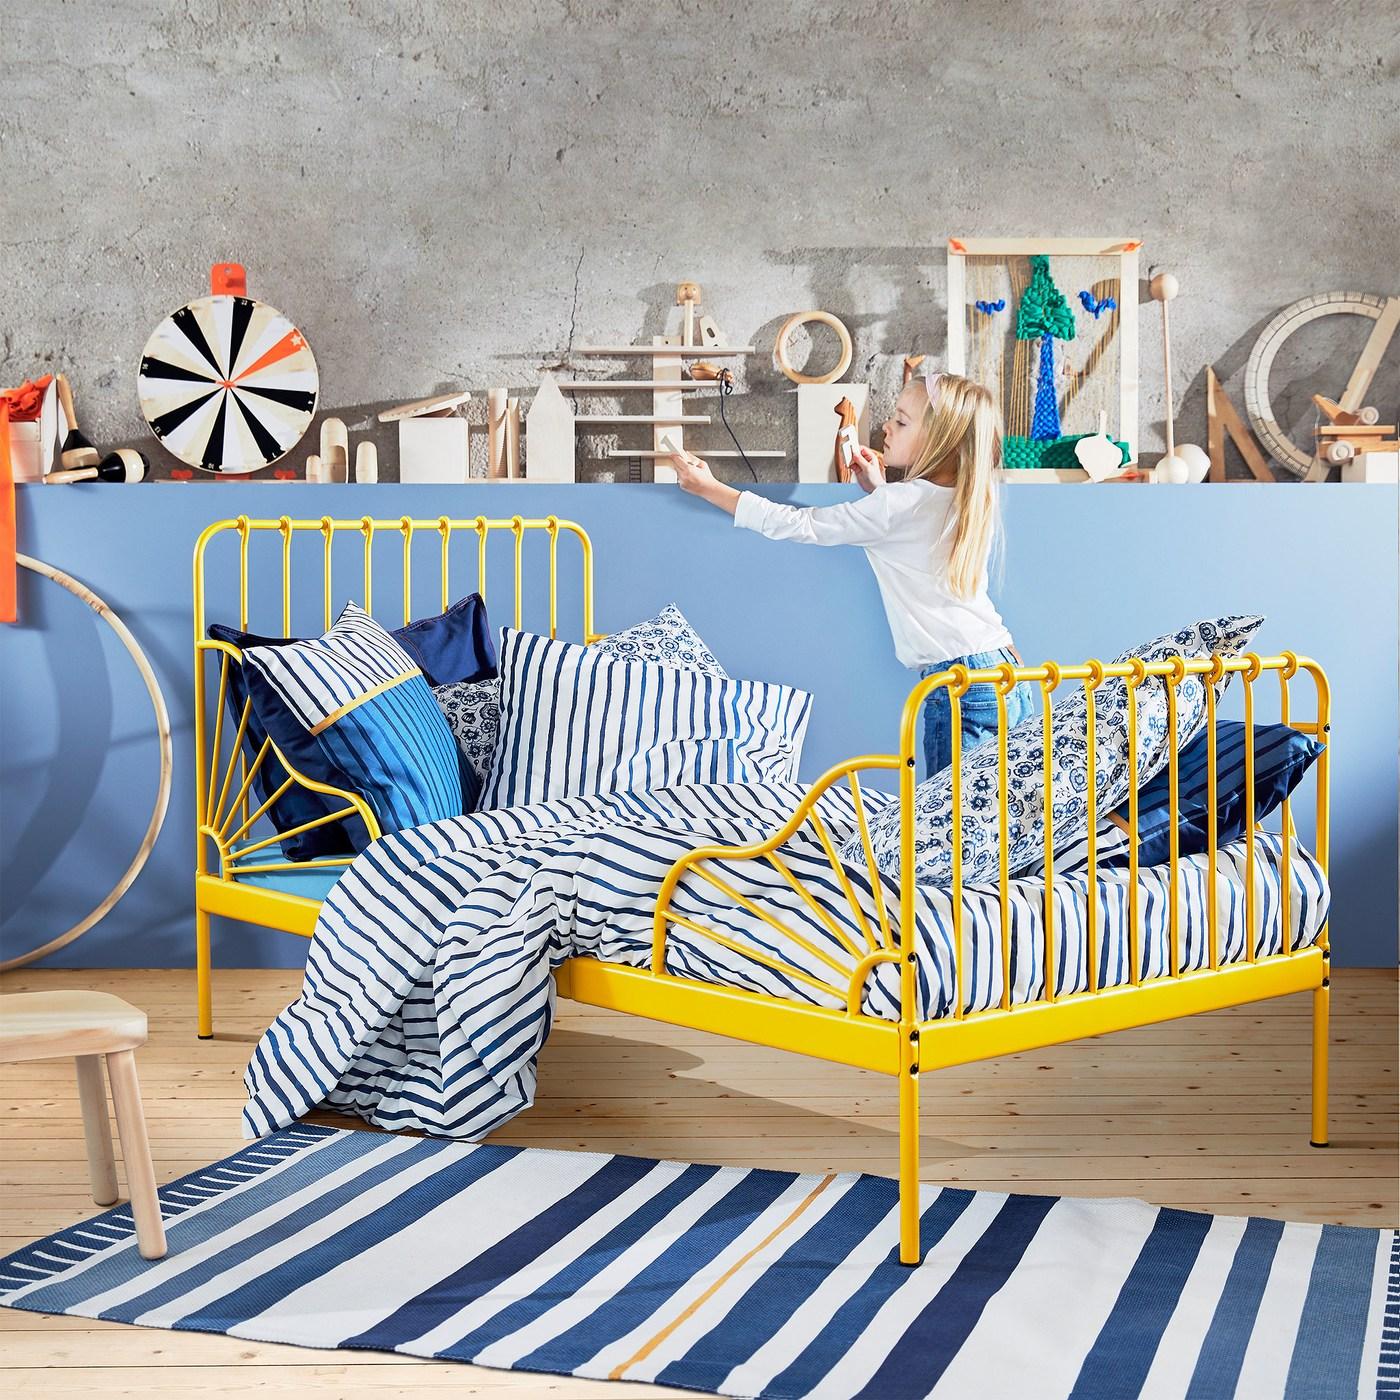 Rozkládací postel MINNEN, kterou lze roztáhnout až na 207 cm. Je práškově nalakovaná na tmavě žlutou barvu a opatřená detaily, které připomínají sluneční paprsky.